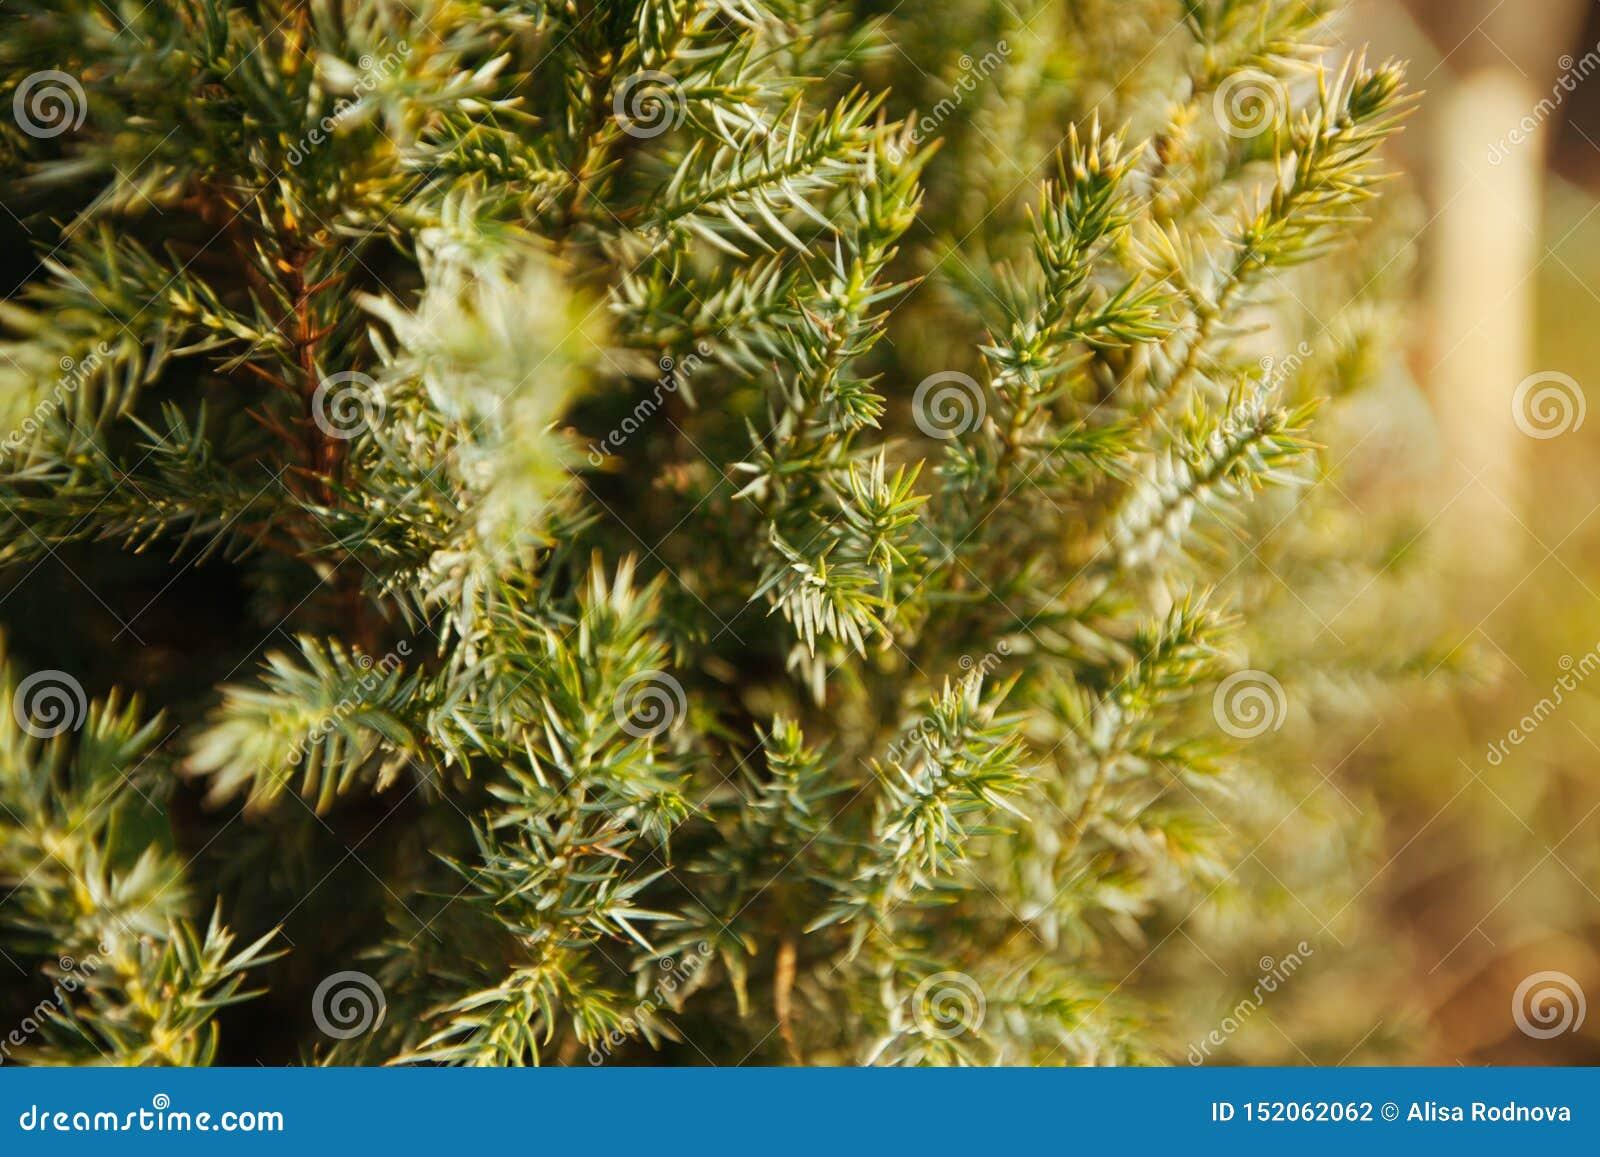 Pijnboom of cedertakken, jonge groene naalden